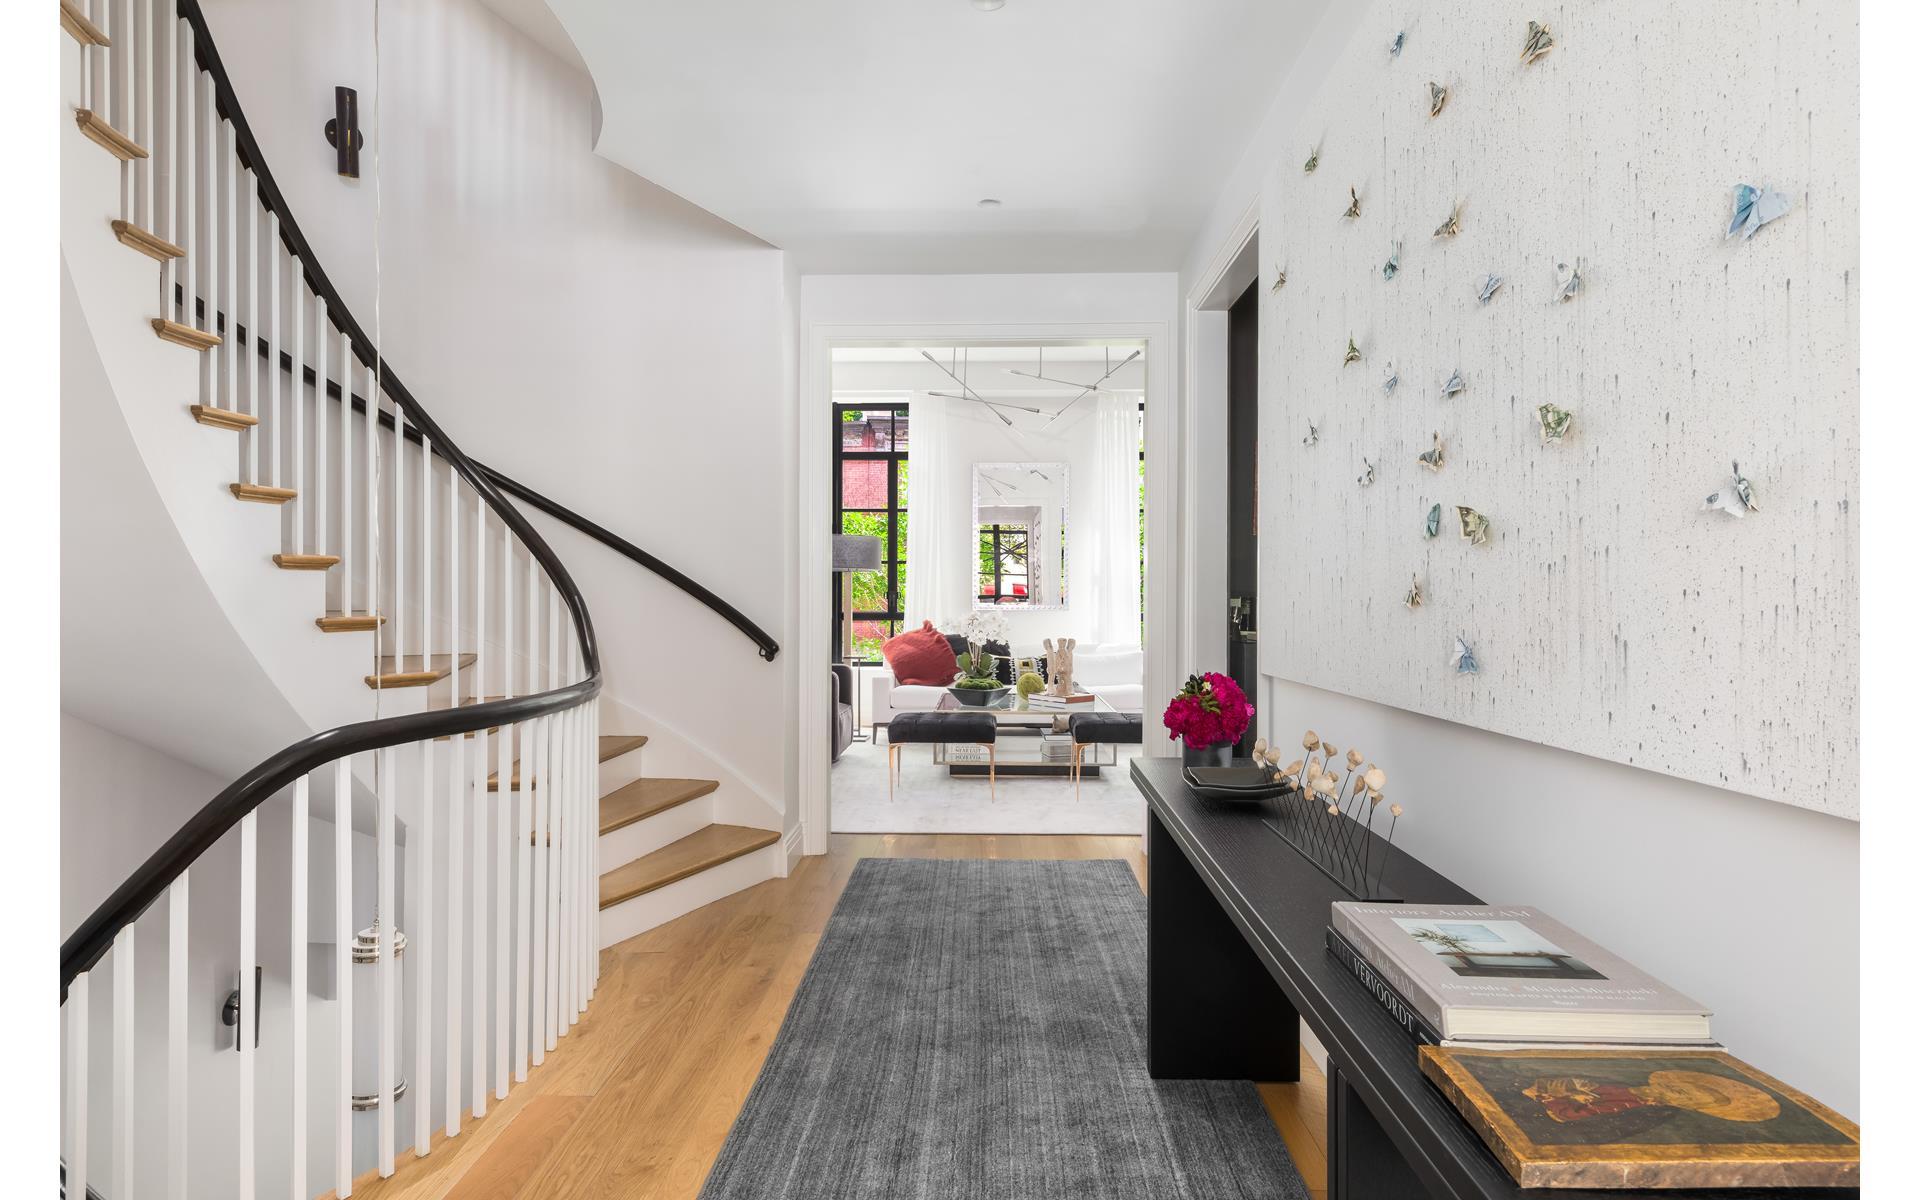 коридор консоль скамья лестница